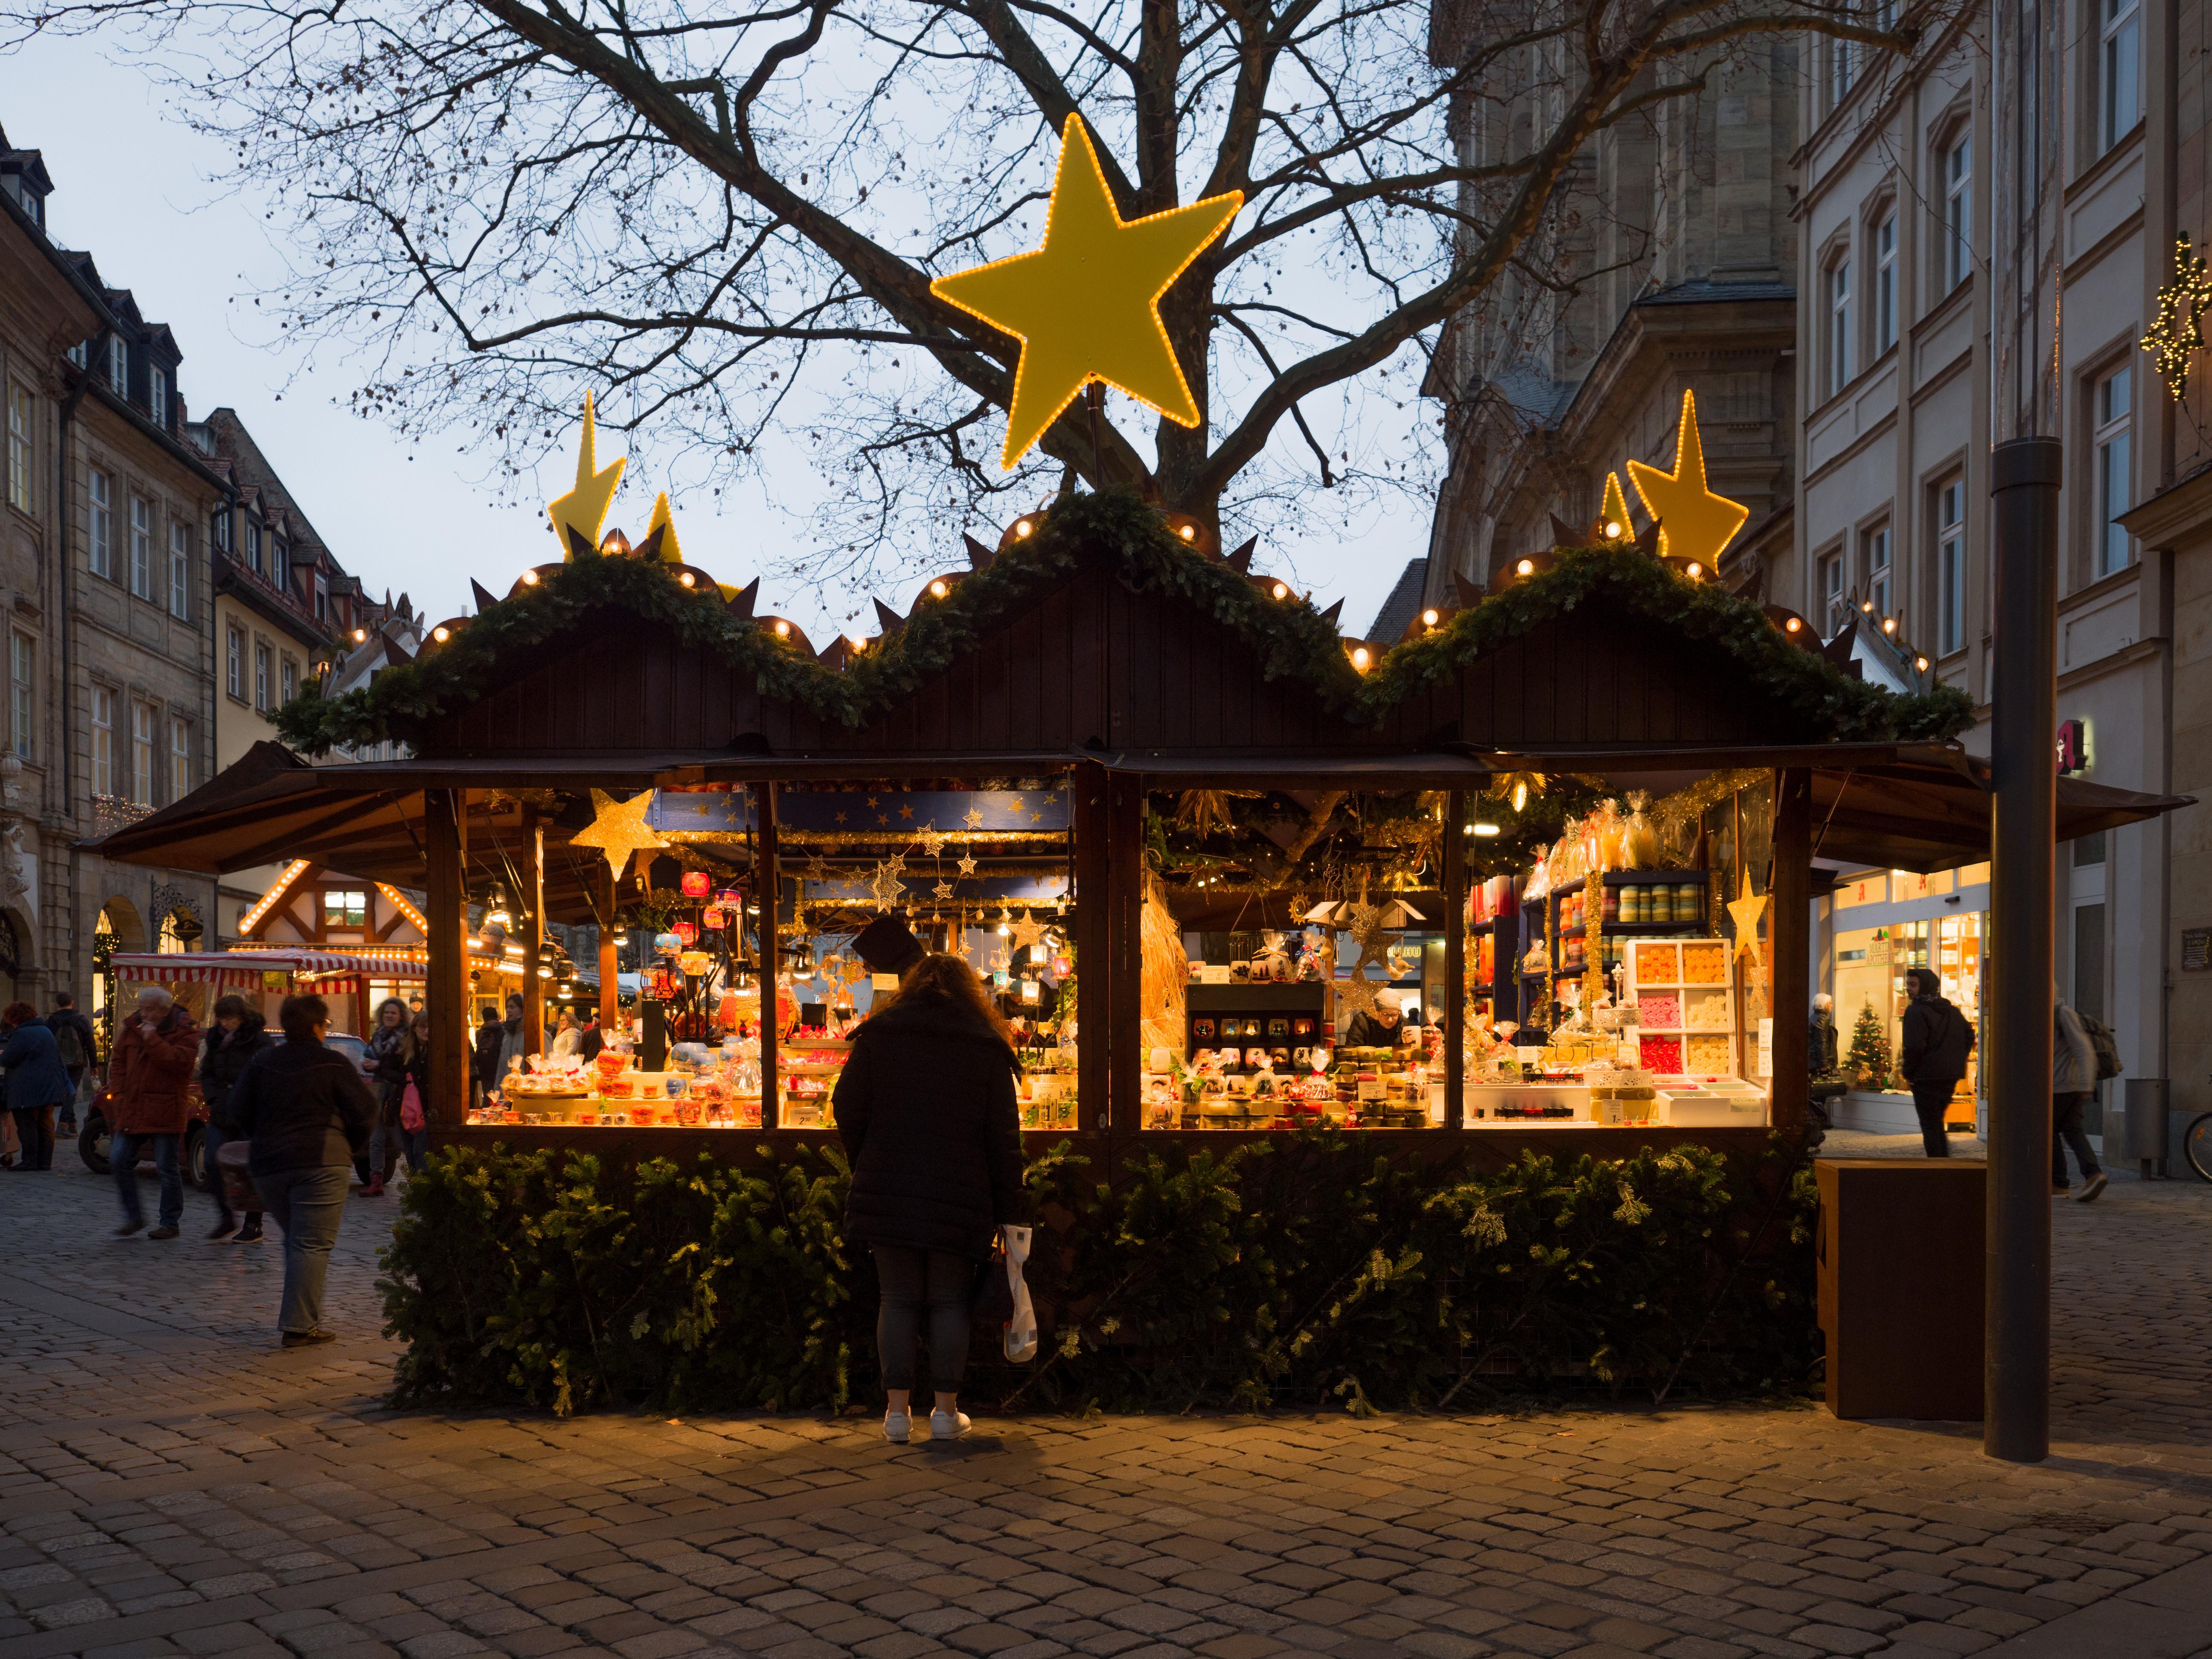 Bamberg Weihnachtsmarkt.File Bamberg Weihnachtsmarkt Pc150070 Jpg Wikimedia Commons